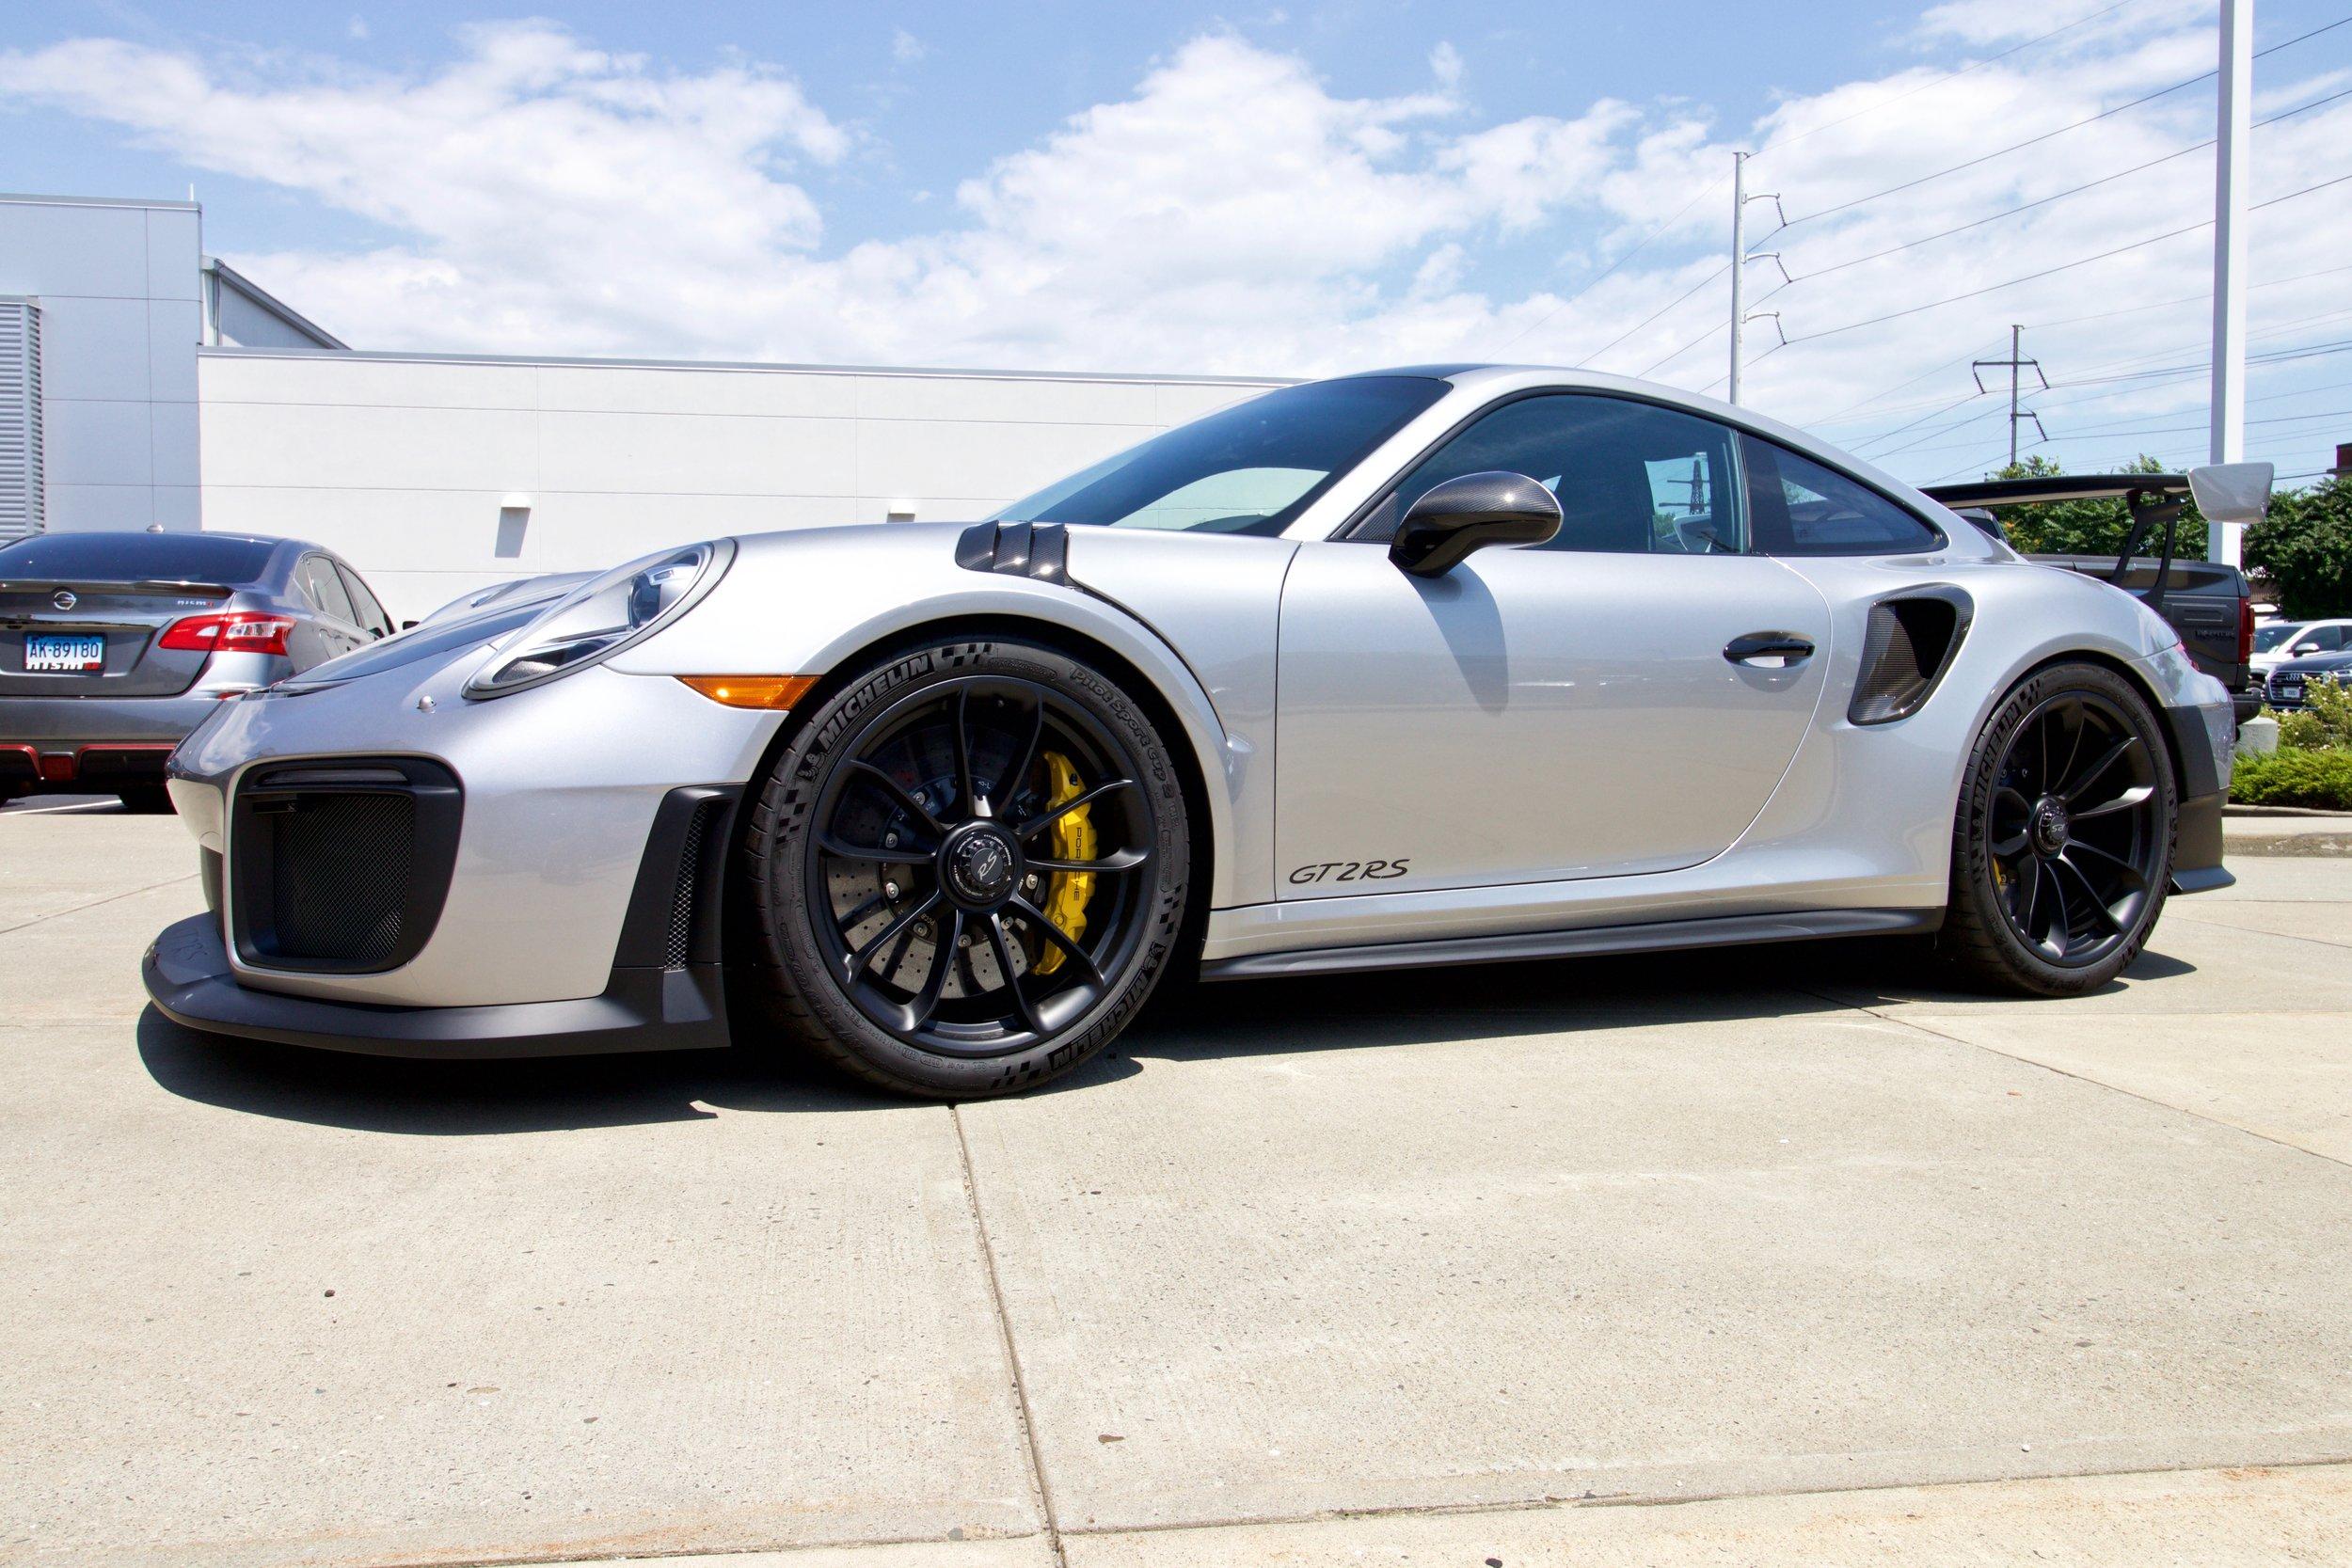 Porsche GT2 RS - Paint Protection Film - New Car Detail - CQuartz Finest Reserve